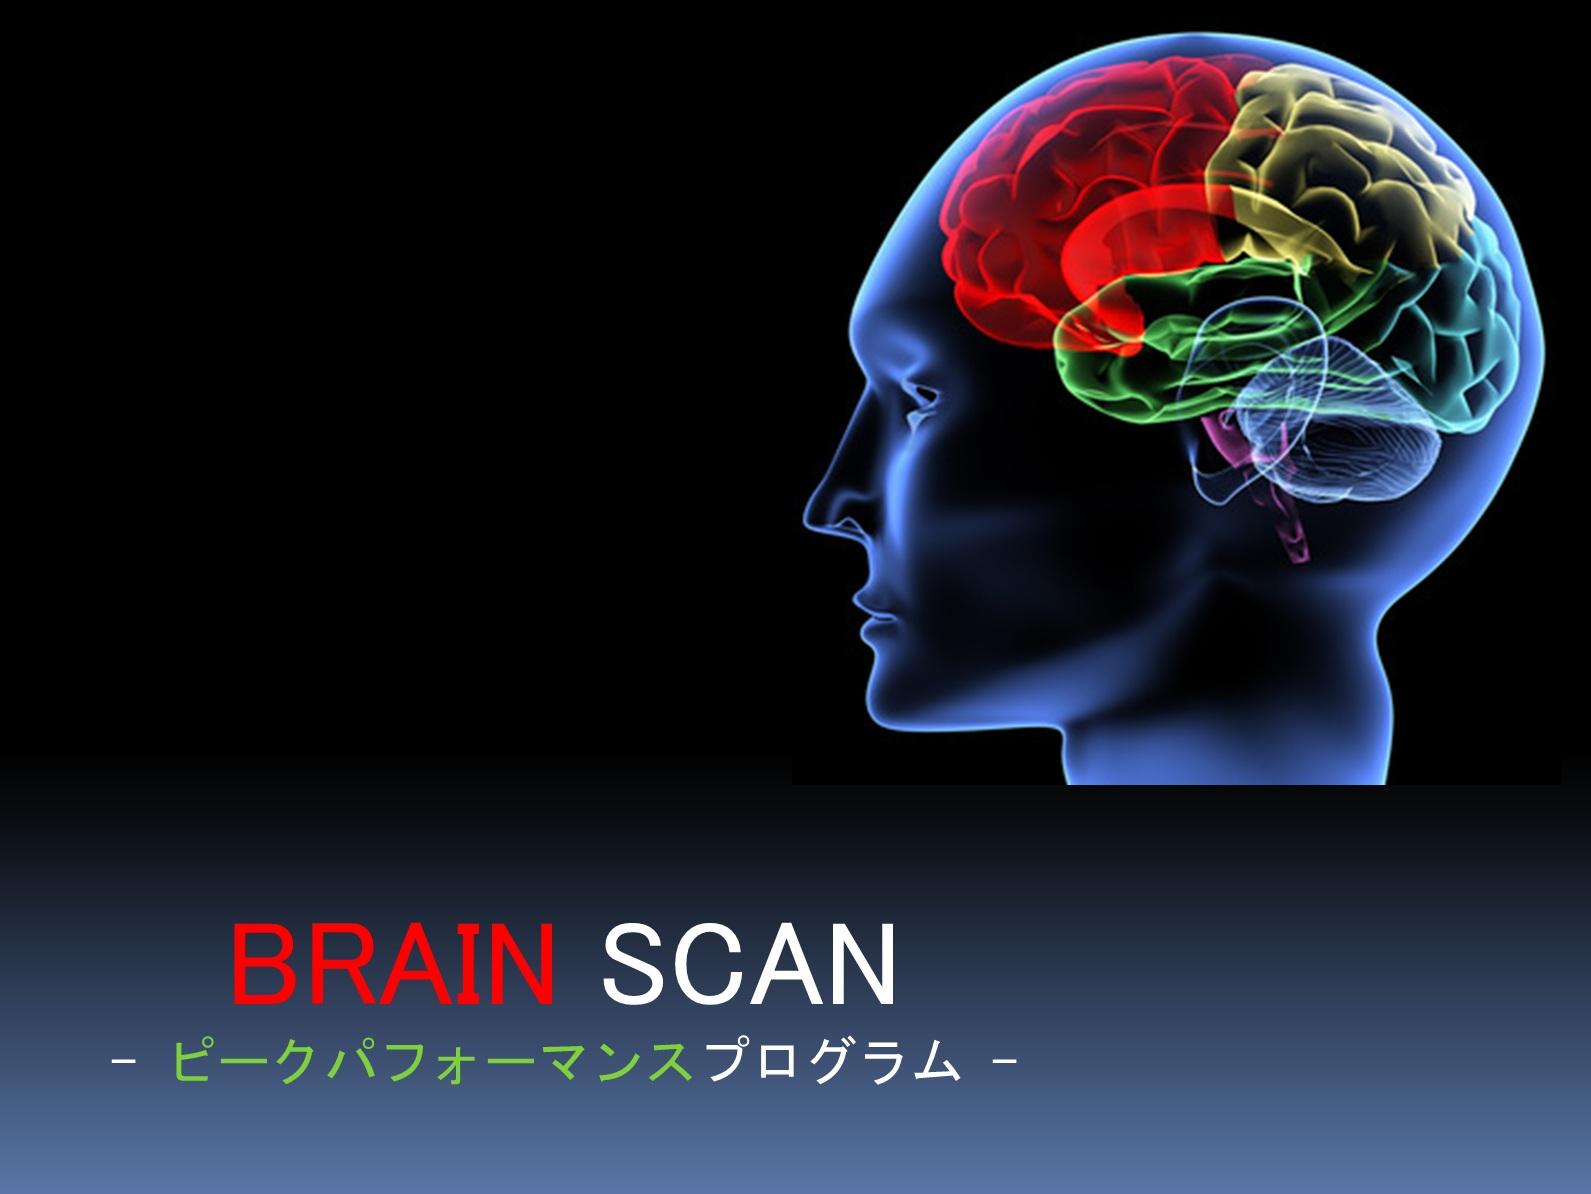 「本番で負けない脳」の簡単なつくり方